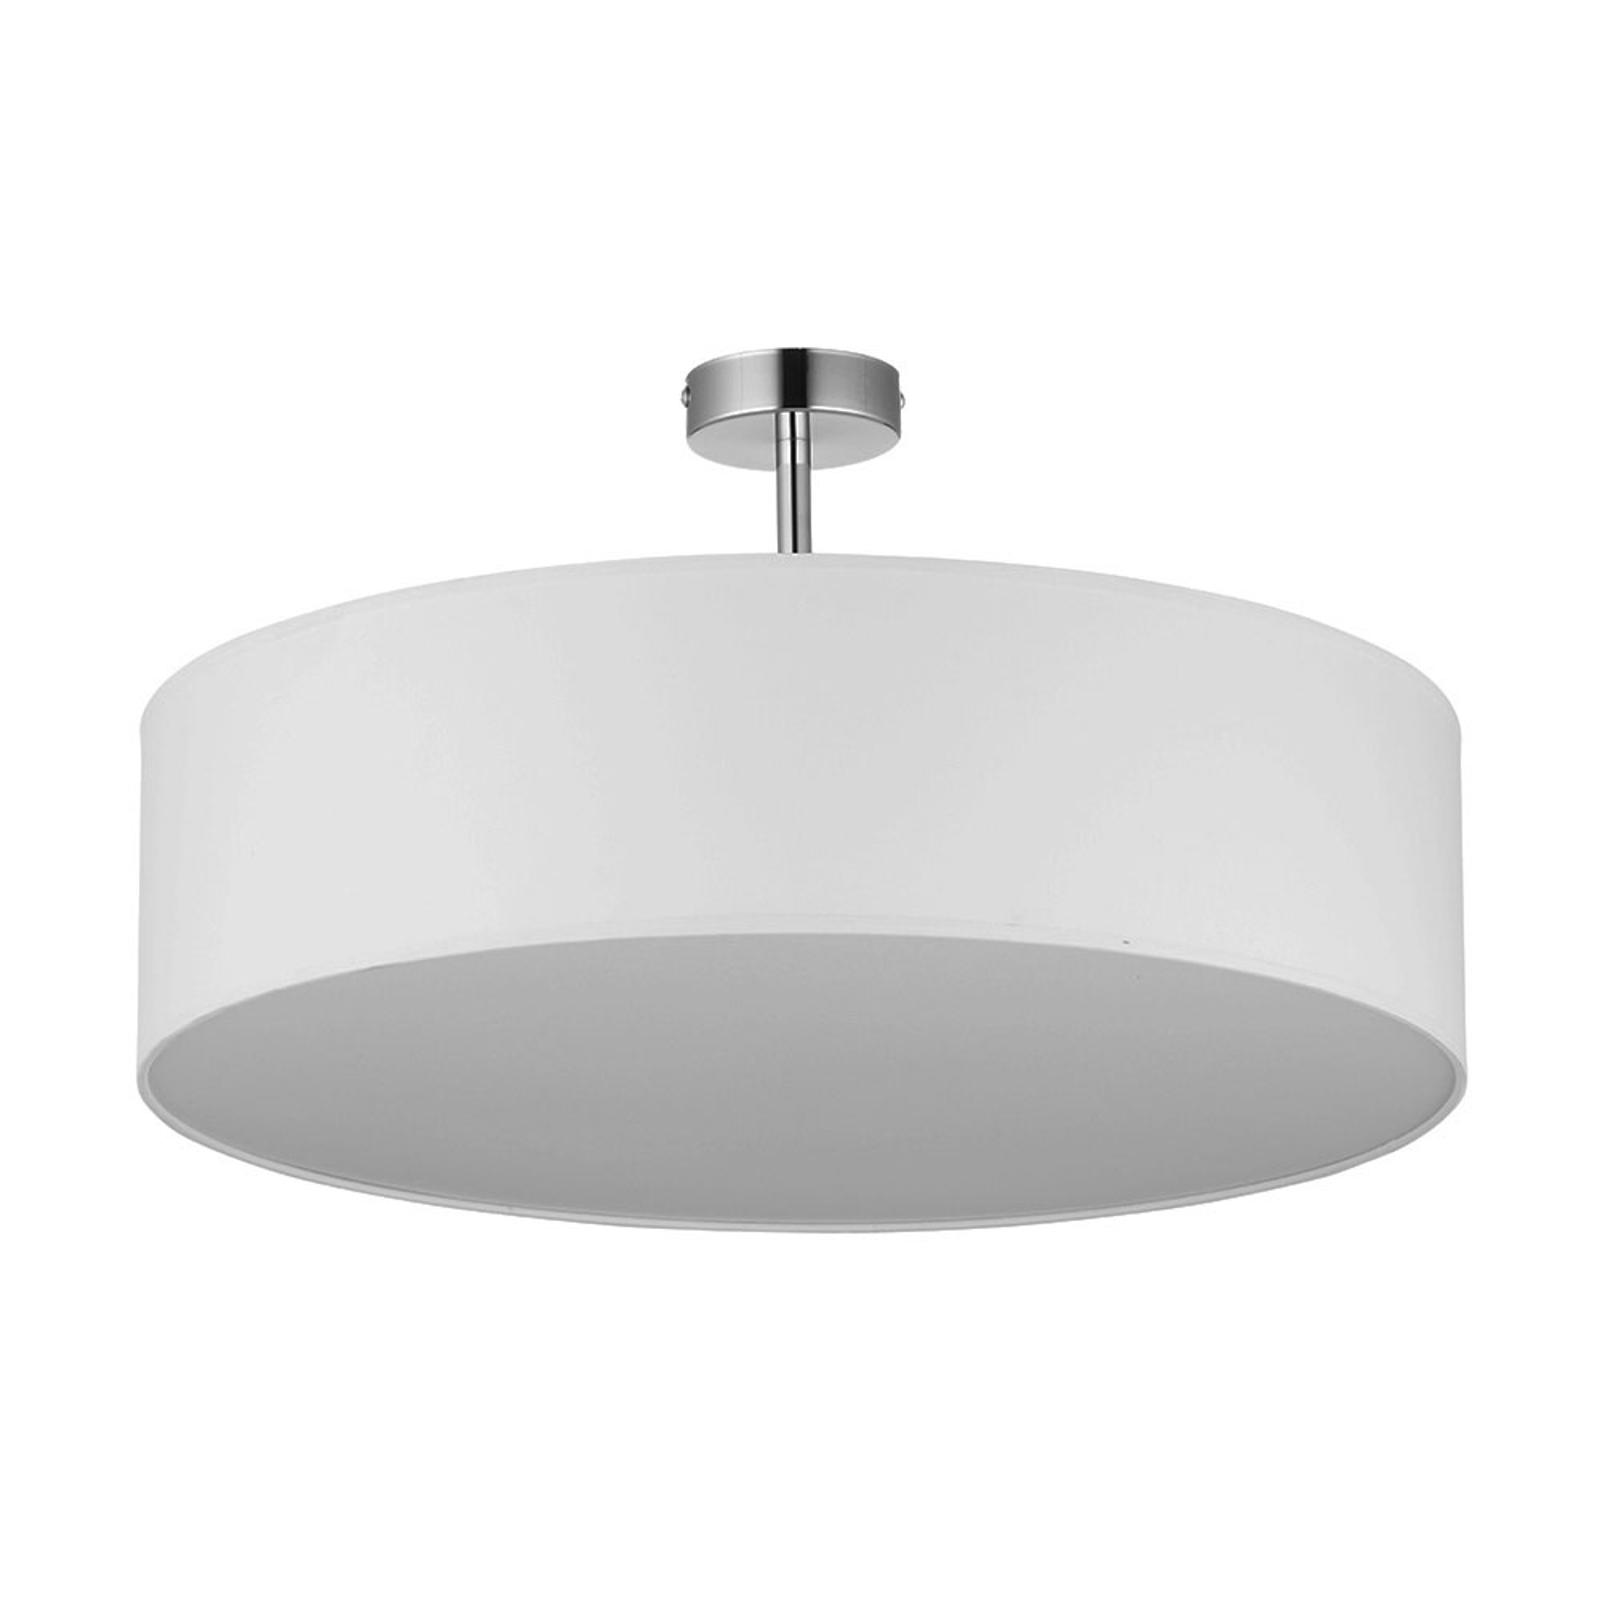 Rondo taklampe med avstand, hvit Ø 60 cm